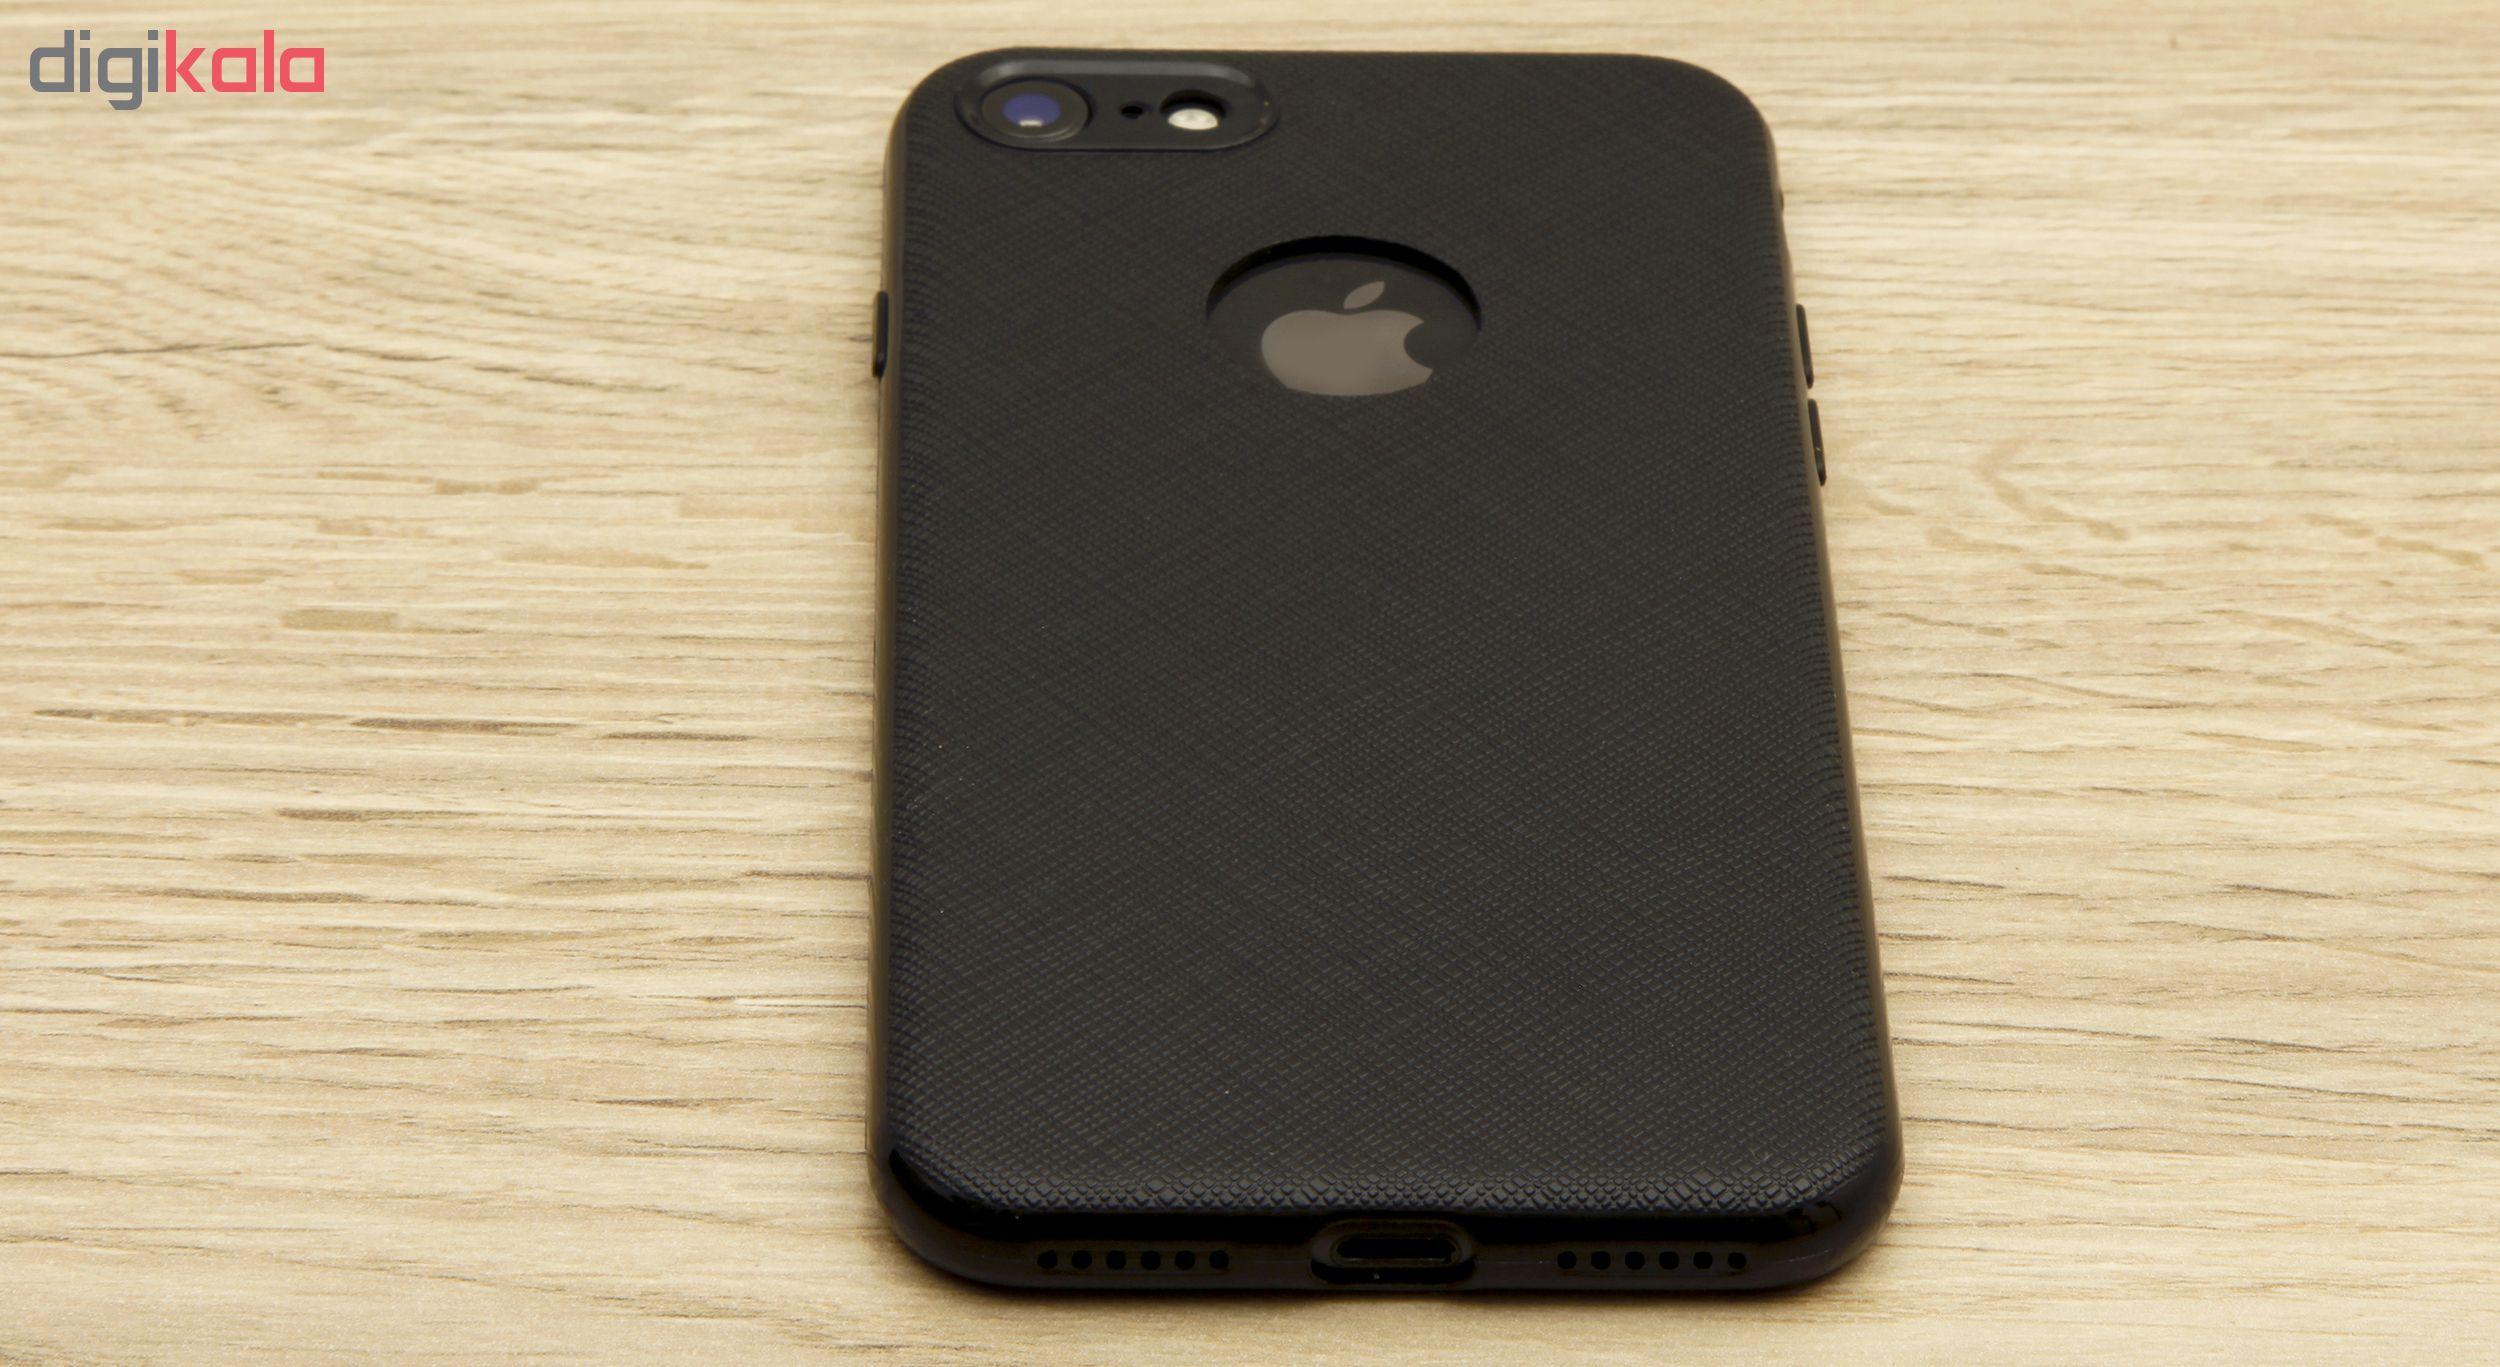 کاور سومگ مدل SC-i001 مناسب برای گوشی موبایل اپل iPhone 8 main 1 5